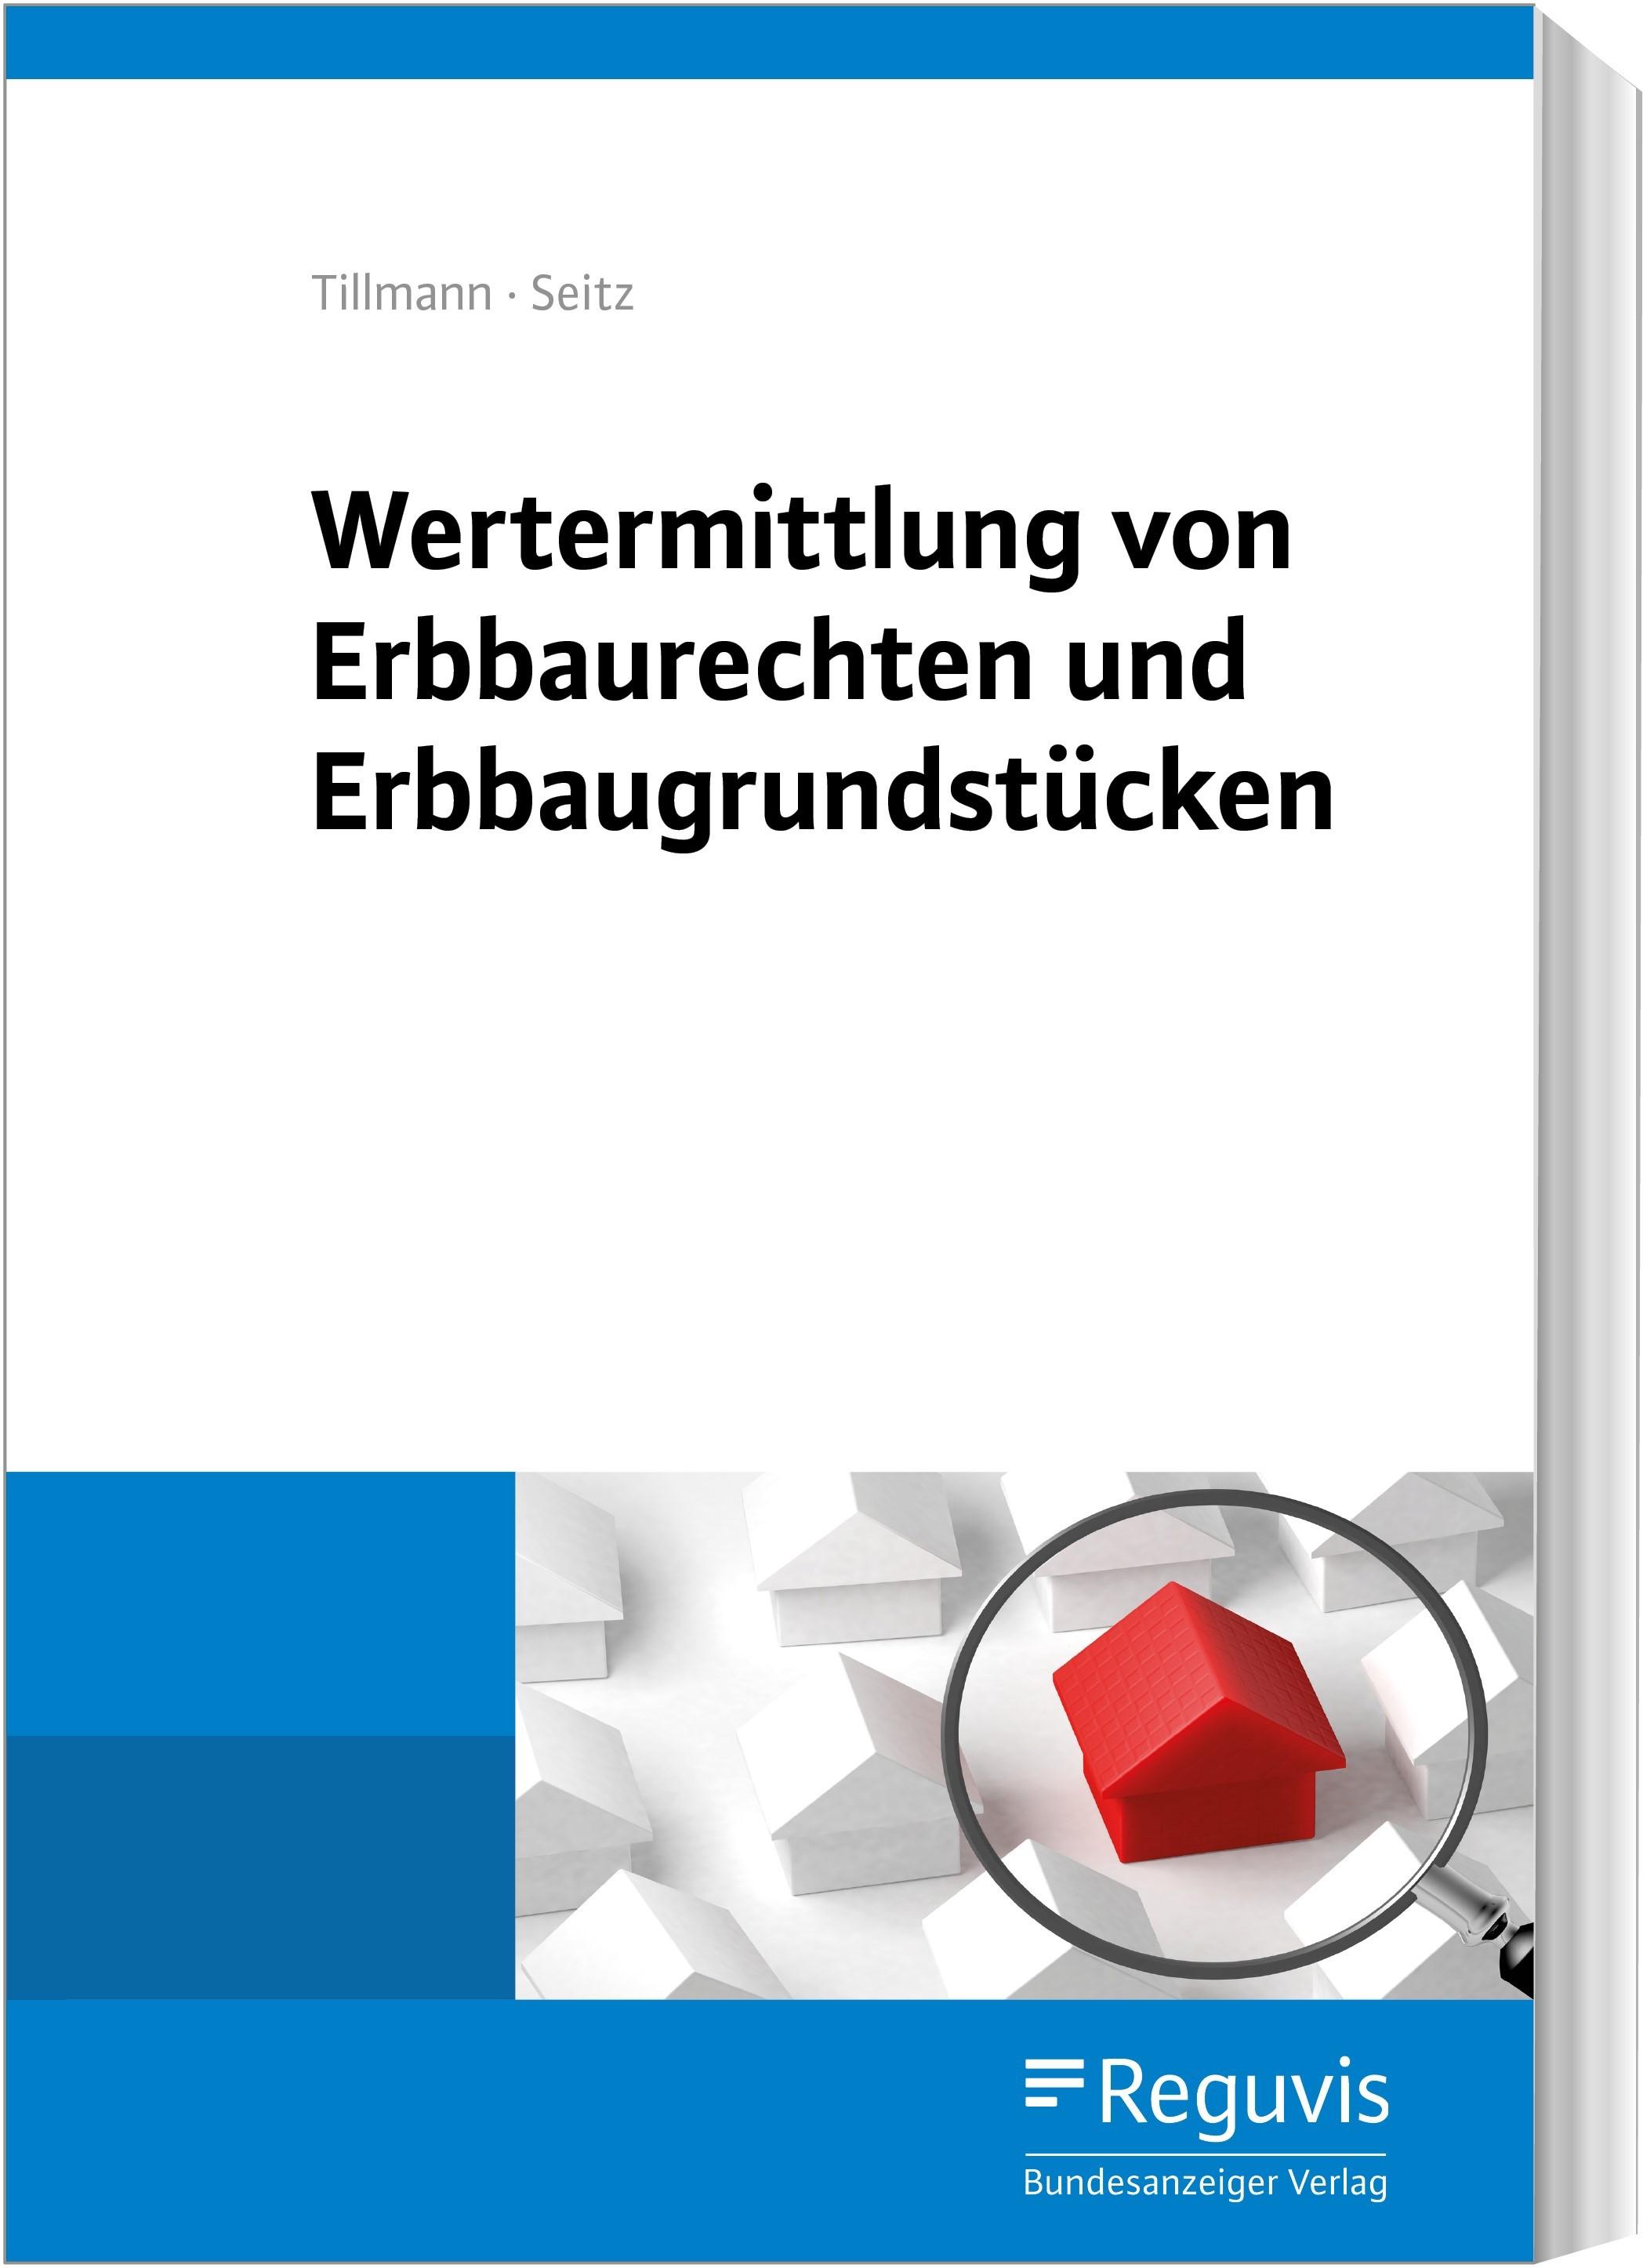 Wertermittlung von Erbbaurechten und Erbbaugrundstücken | Seitz / Tillmann, 2019 | Buch (Cover)